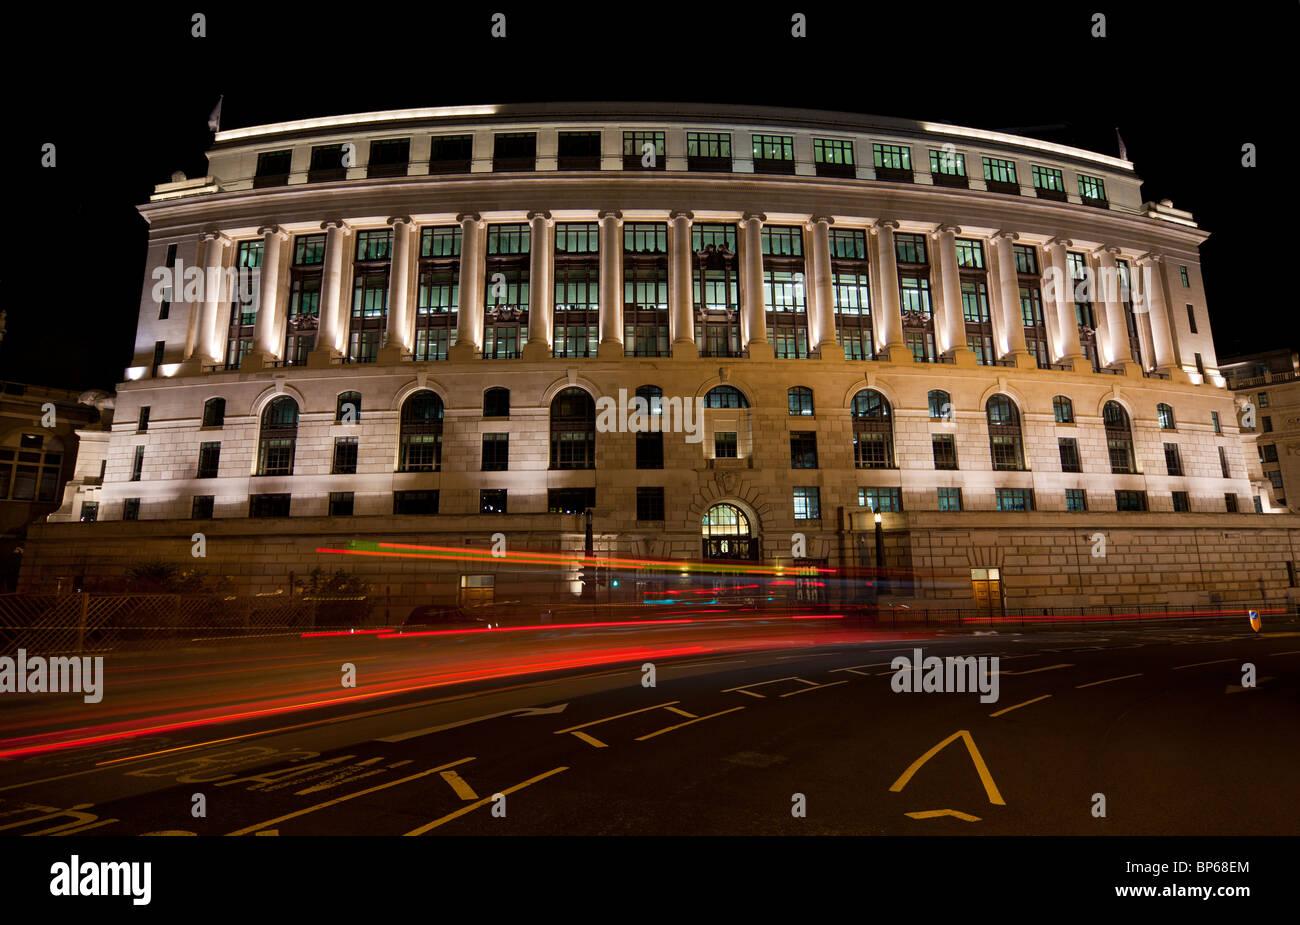 Unilever House, headquarters of Unilever at night, London, UK. - Stock Image